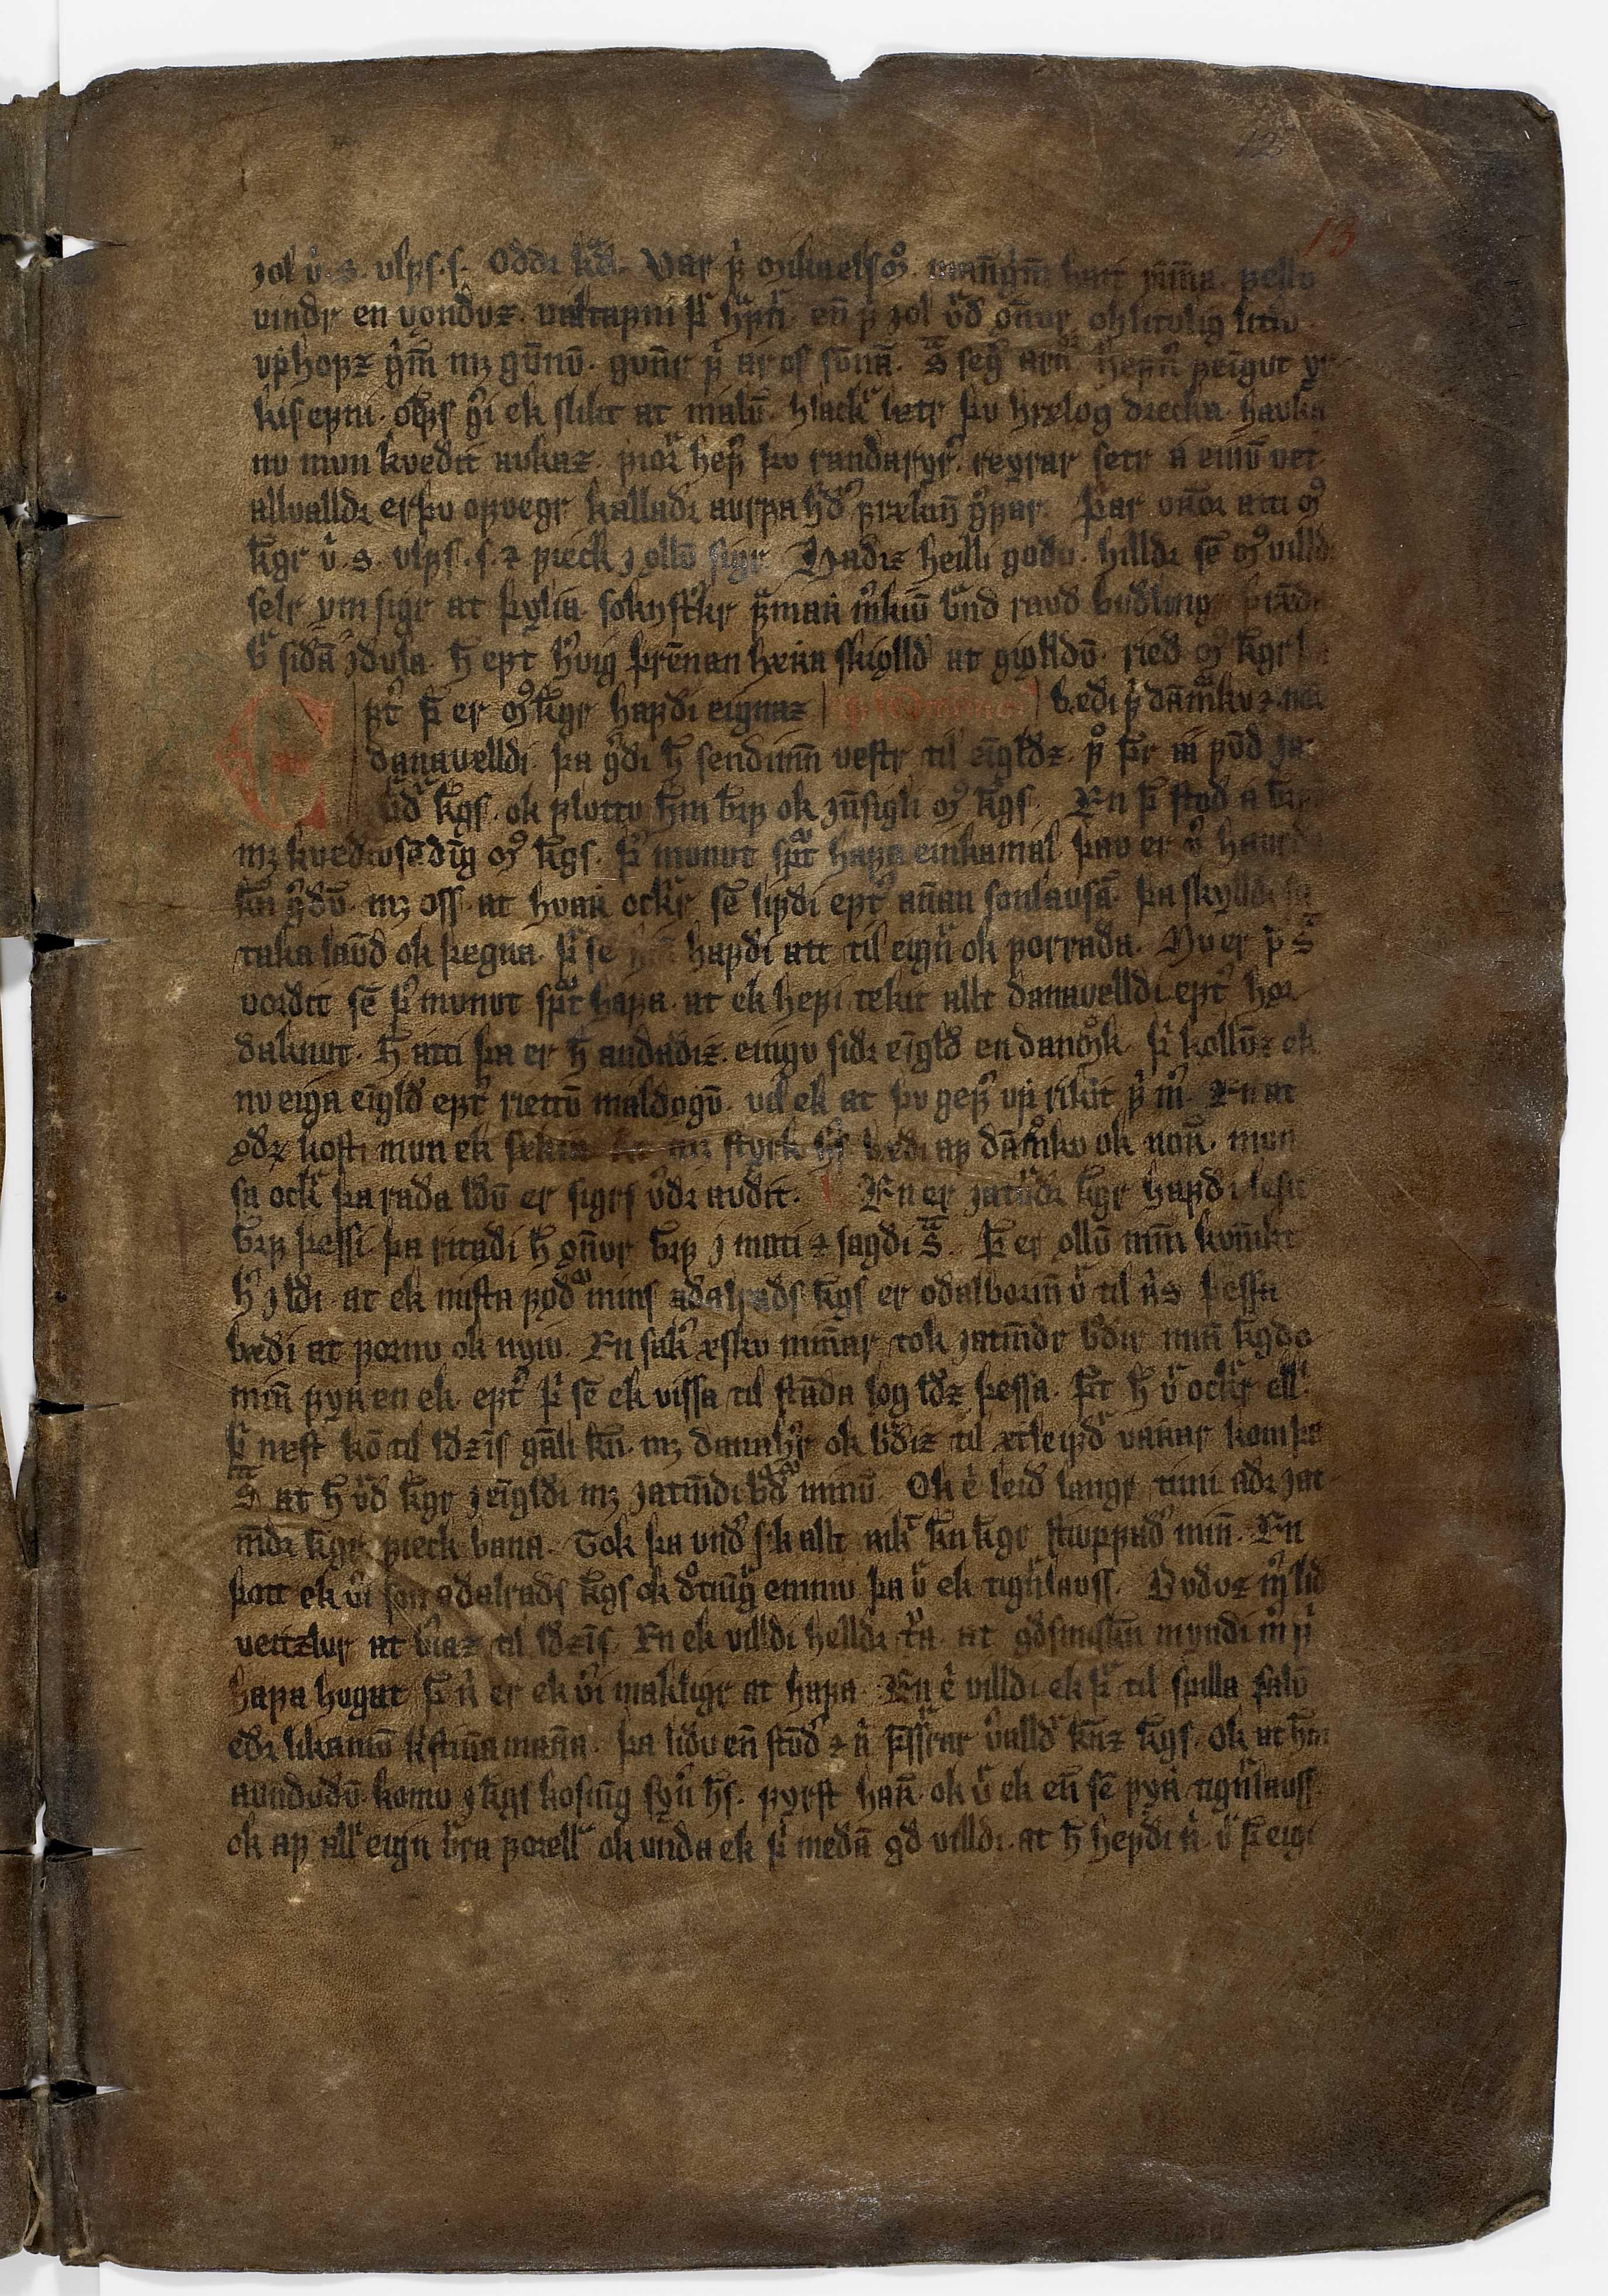 AM 66 fol - 13r